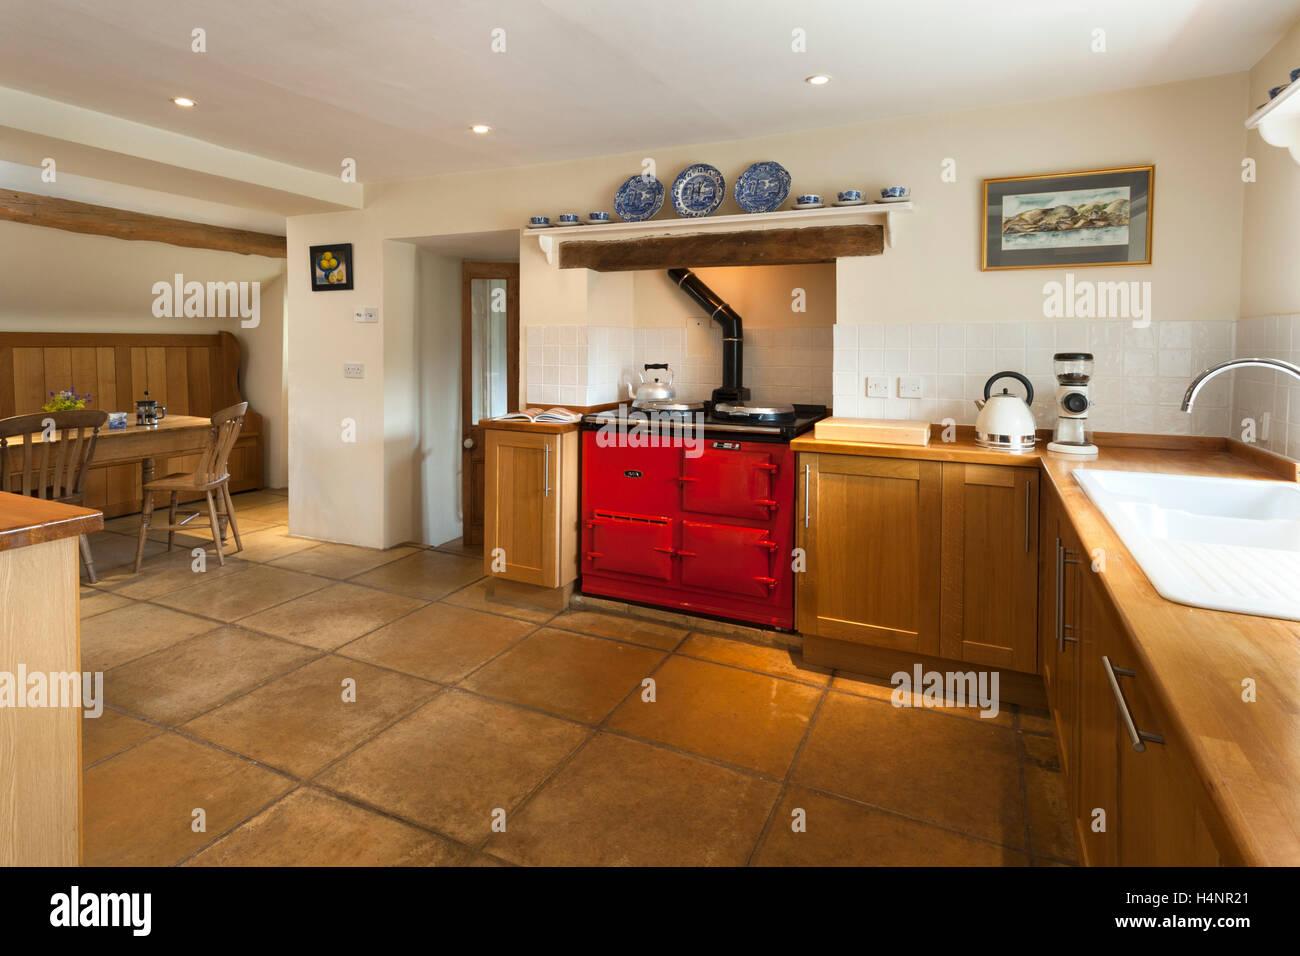 magasin d'usine e158a 922de Un fini en bois simple équipée avec une cuisinière Aga rouge ...